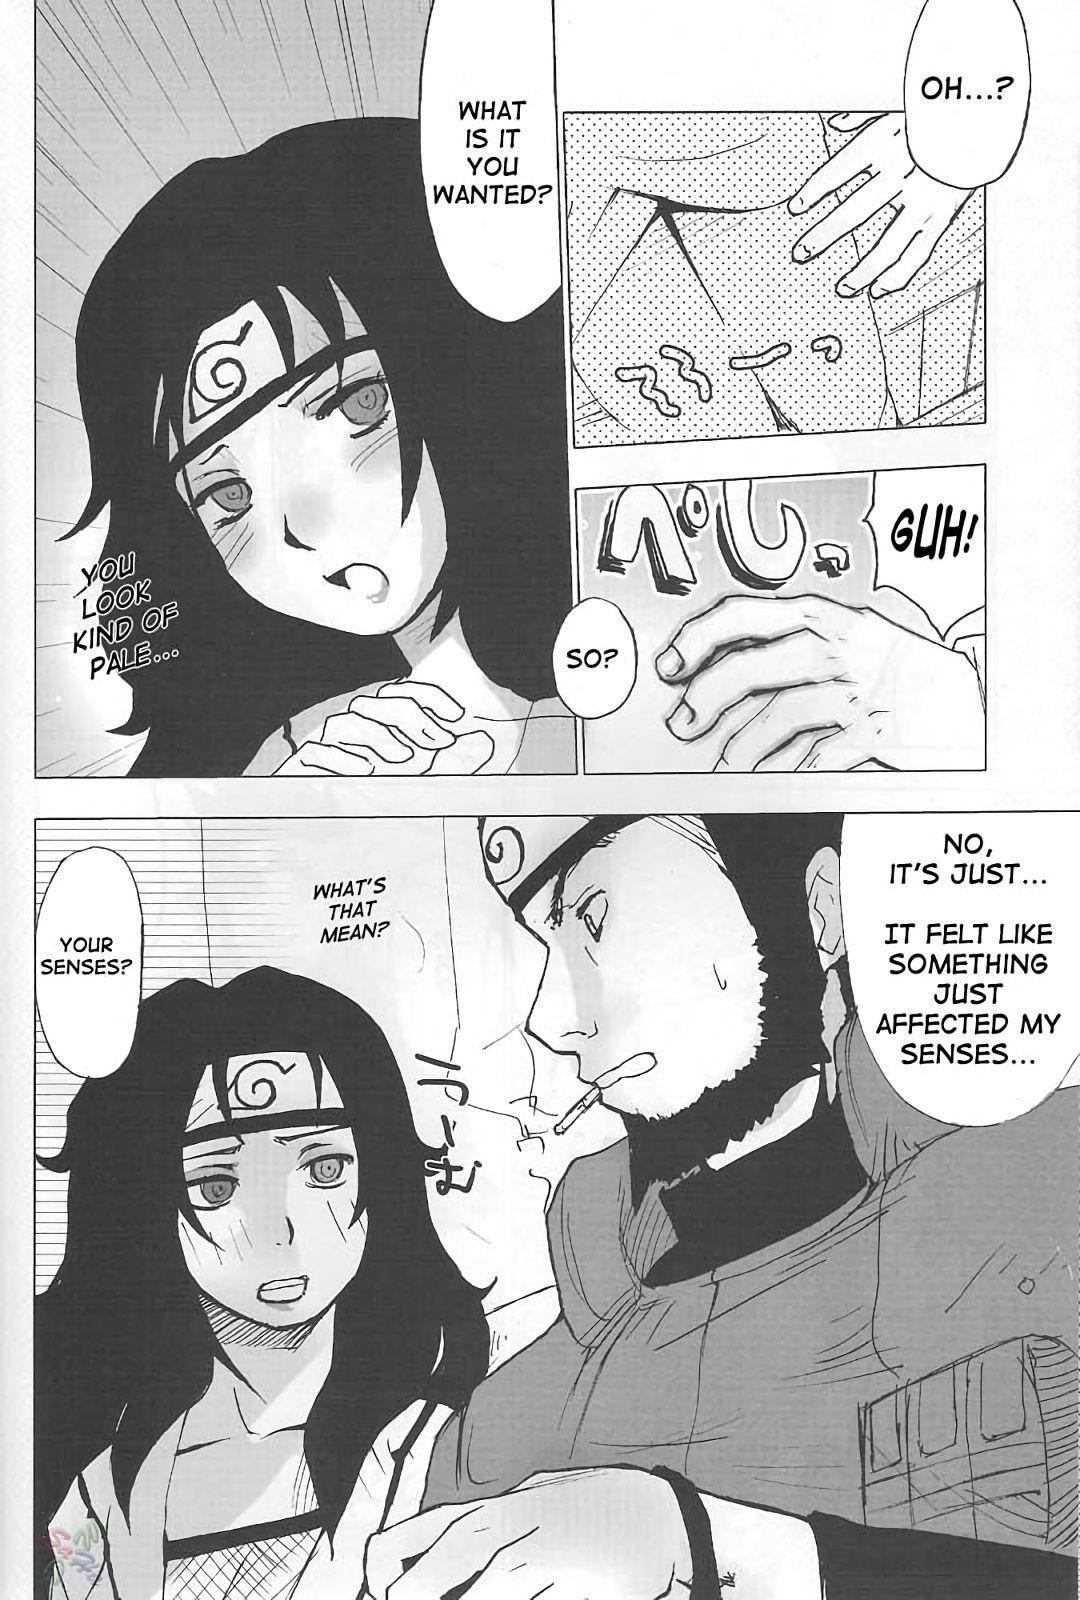 Ketsu megaton nin hentai manga picture 28